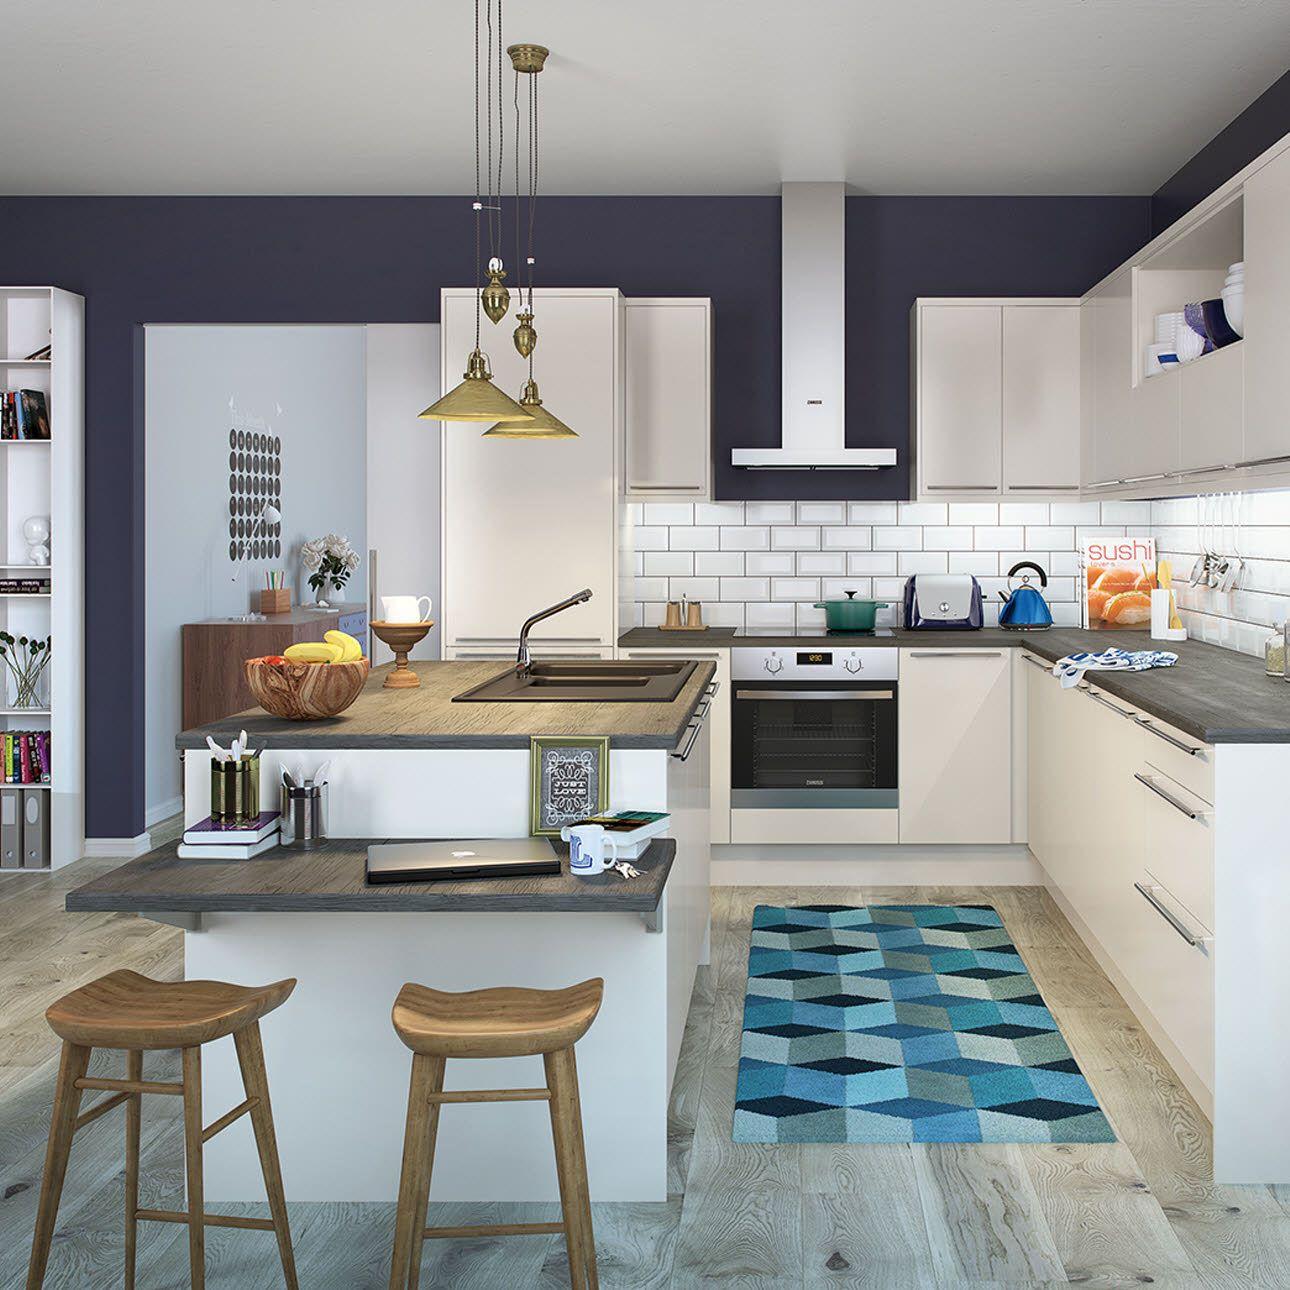 Image Result For Kitchen Units Design  Kitchens  Pinterest Cool Kitchen Unit Designs Decorating Design